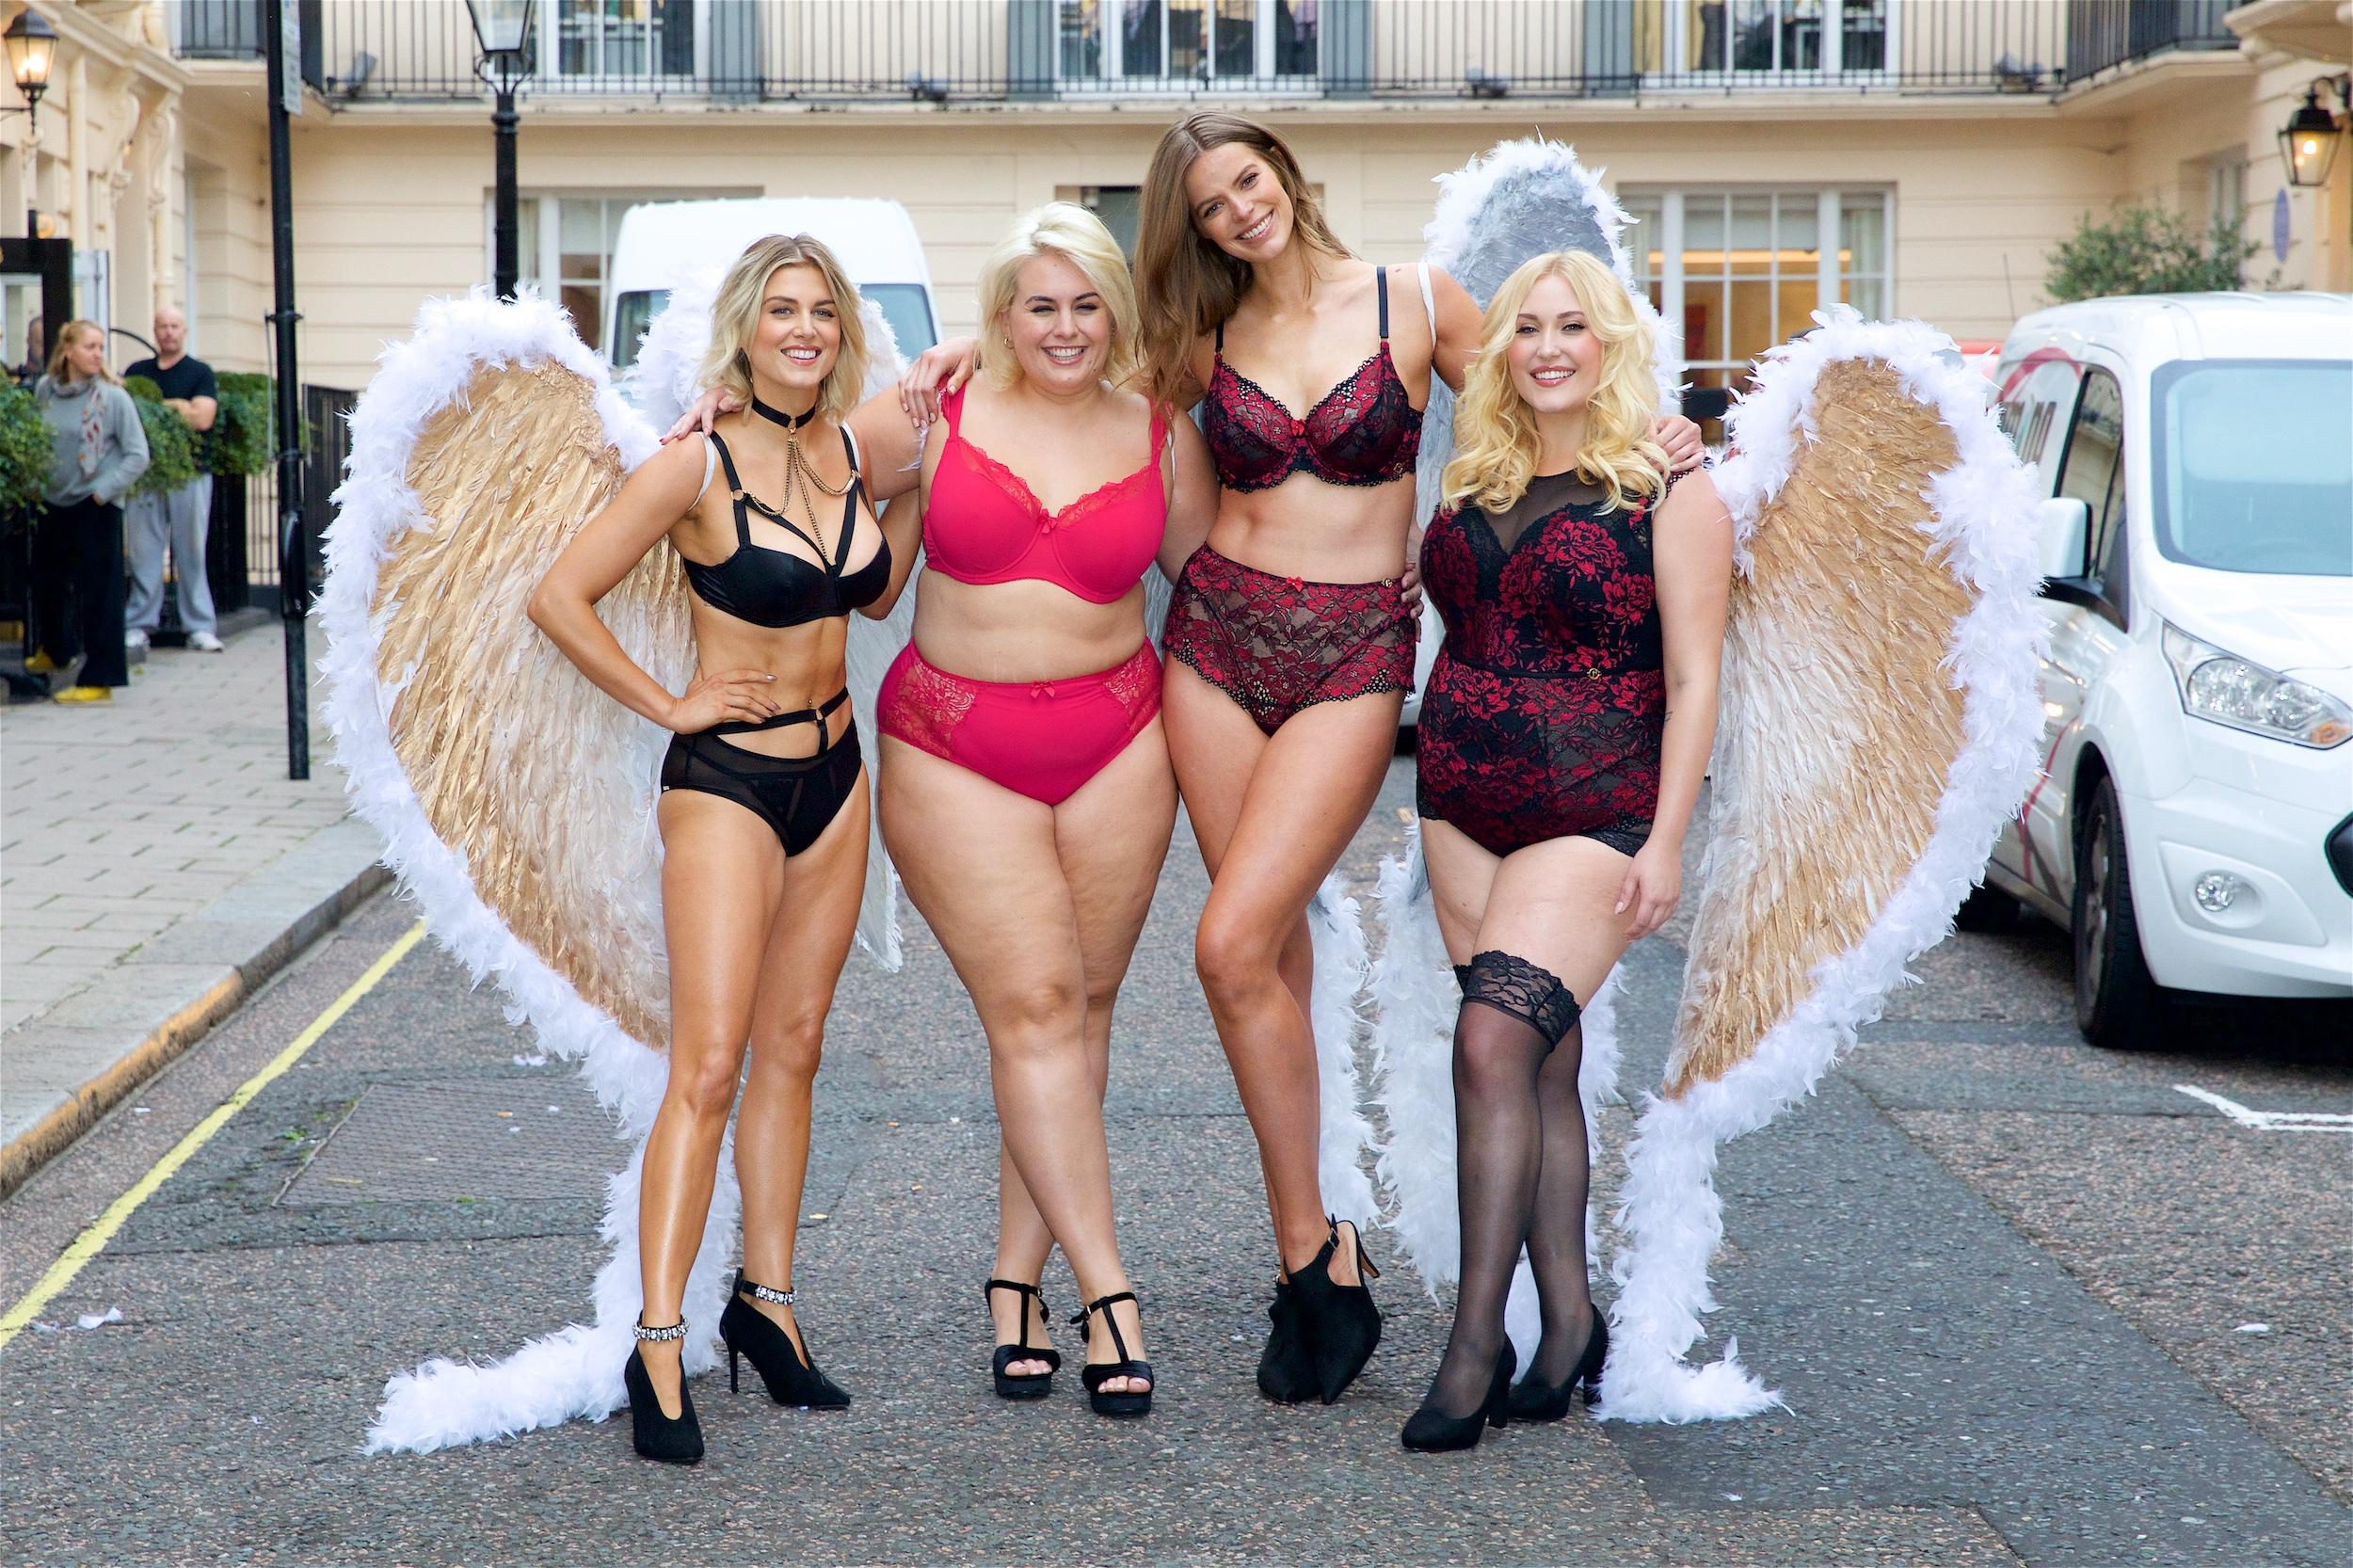 Boobs Traci Dinwiddie nudes (42 photos) Sexy, Twitter, underwear